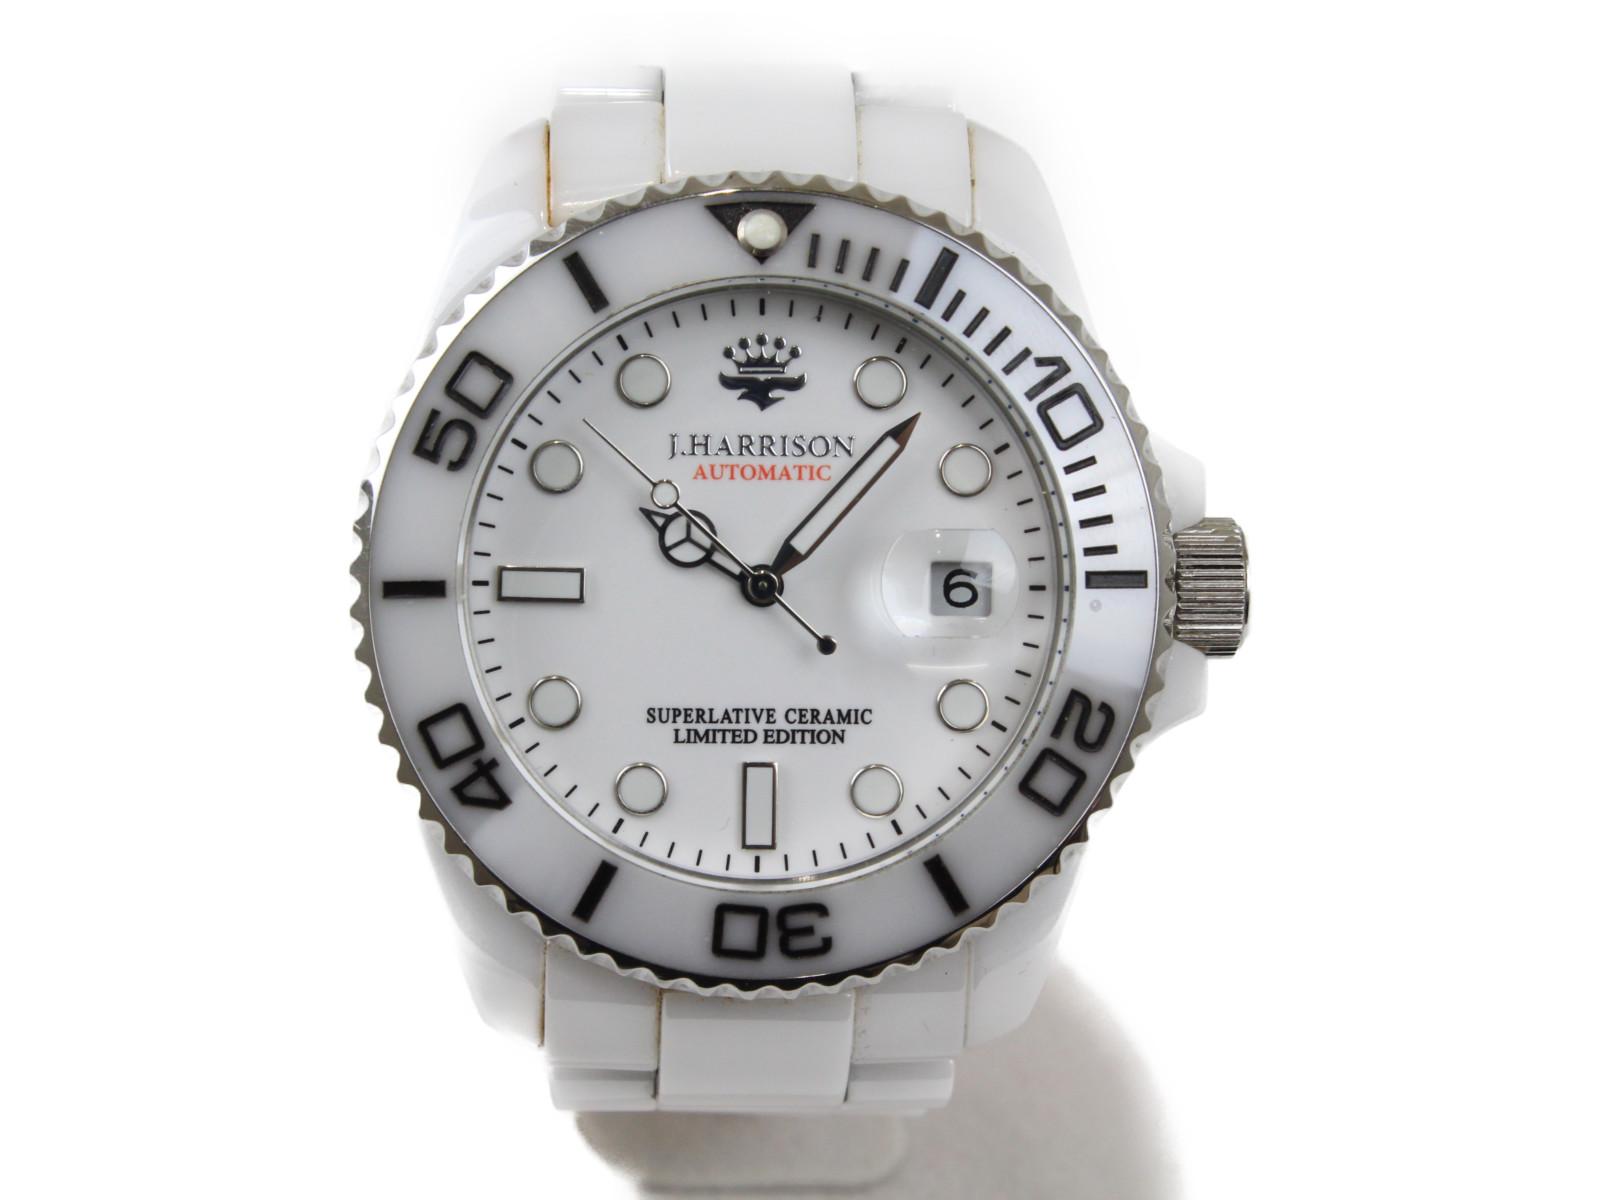 JOHN HARRISON ジョンハリソン JH-032 自動巻き デイト セラミック ステンレススチール ホワイト メンズ 腕時計【中古】